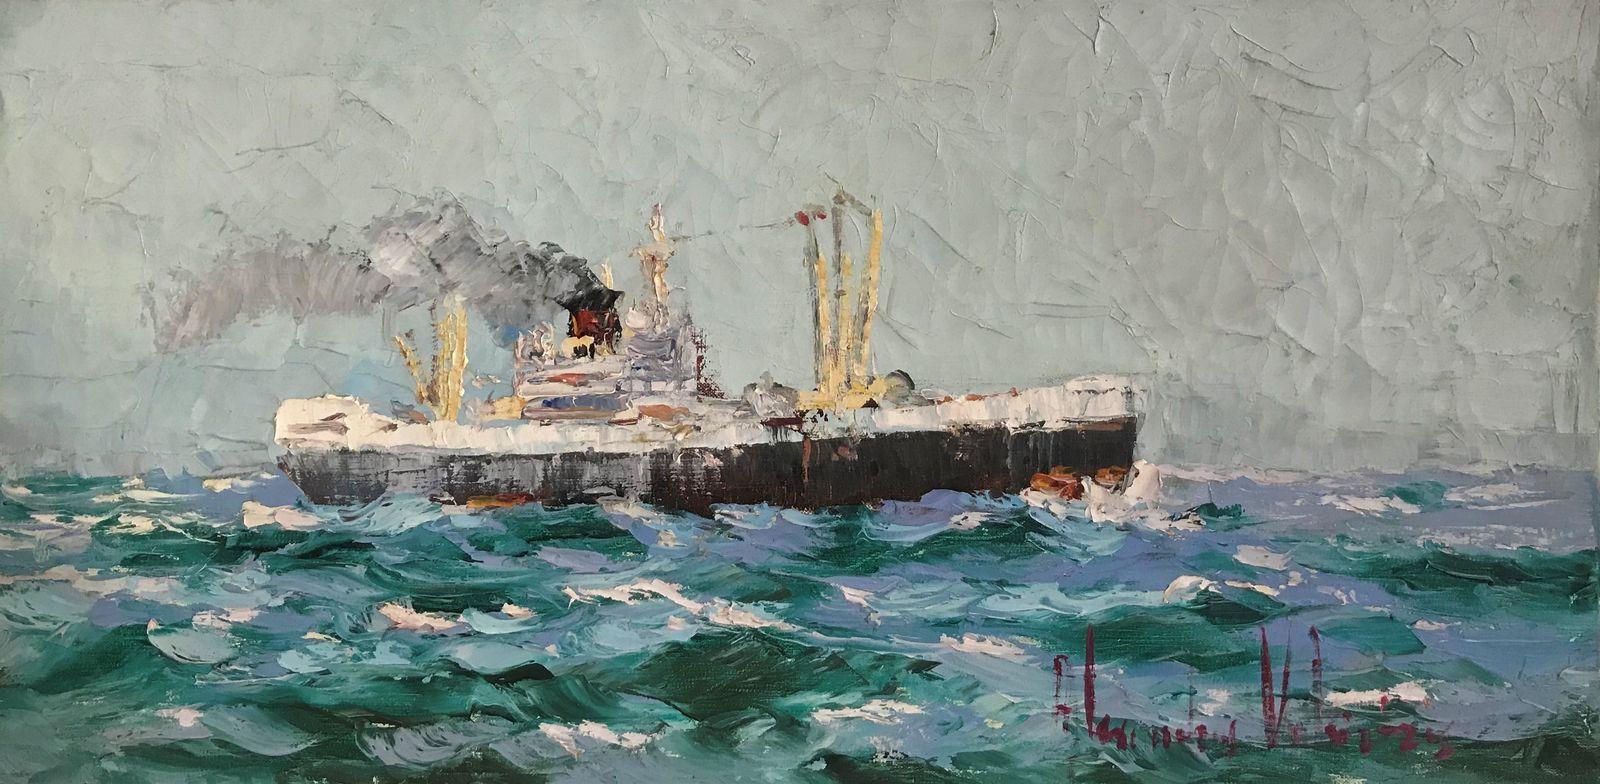 Αλεξανδρος Βακιρτζής 30×60 εκ. Λάδι σε καμβά Alexandros Vakirtzis 30×60 Oils on canvas